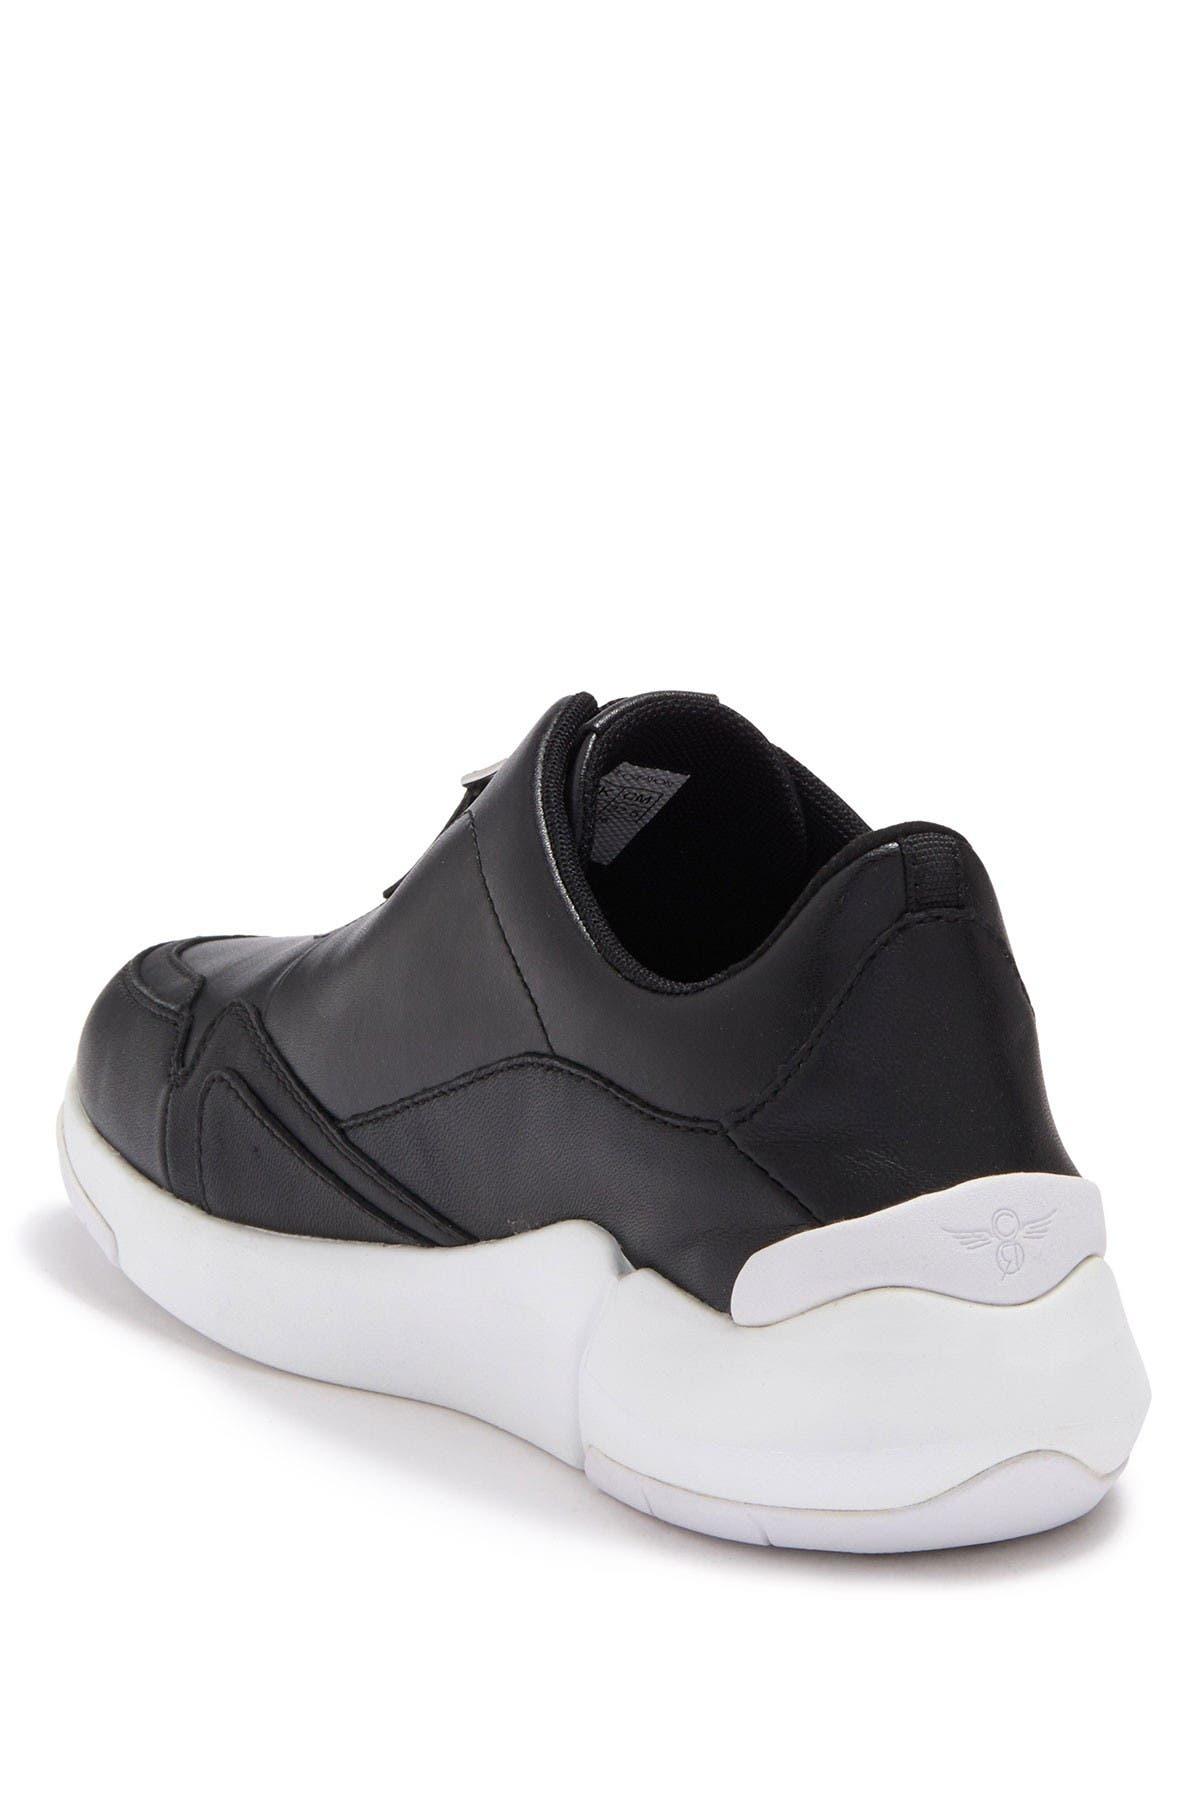 Image of Creative Recreation Orena Front Zip Sneaker